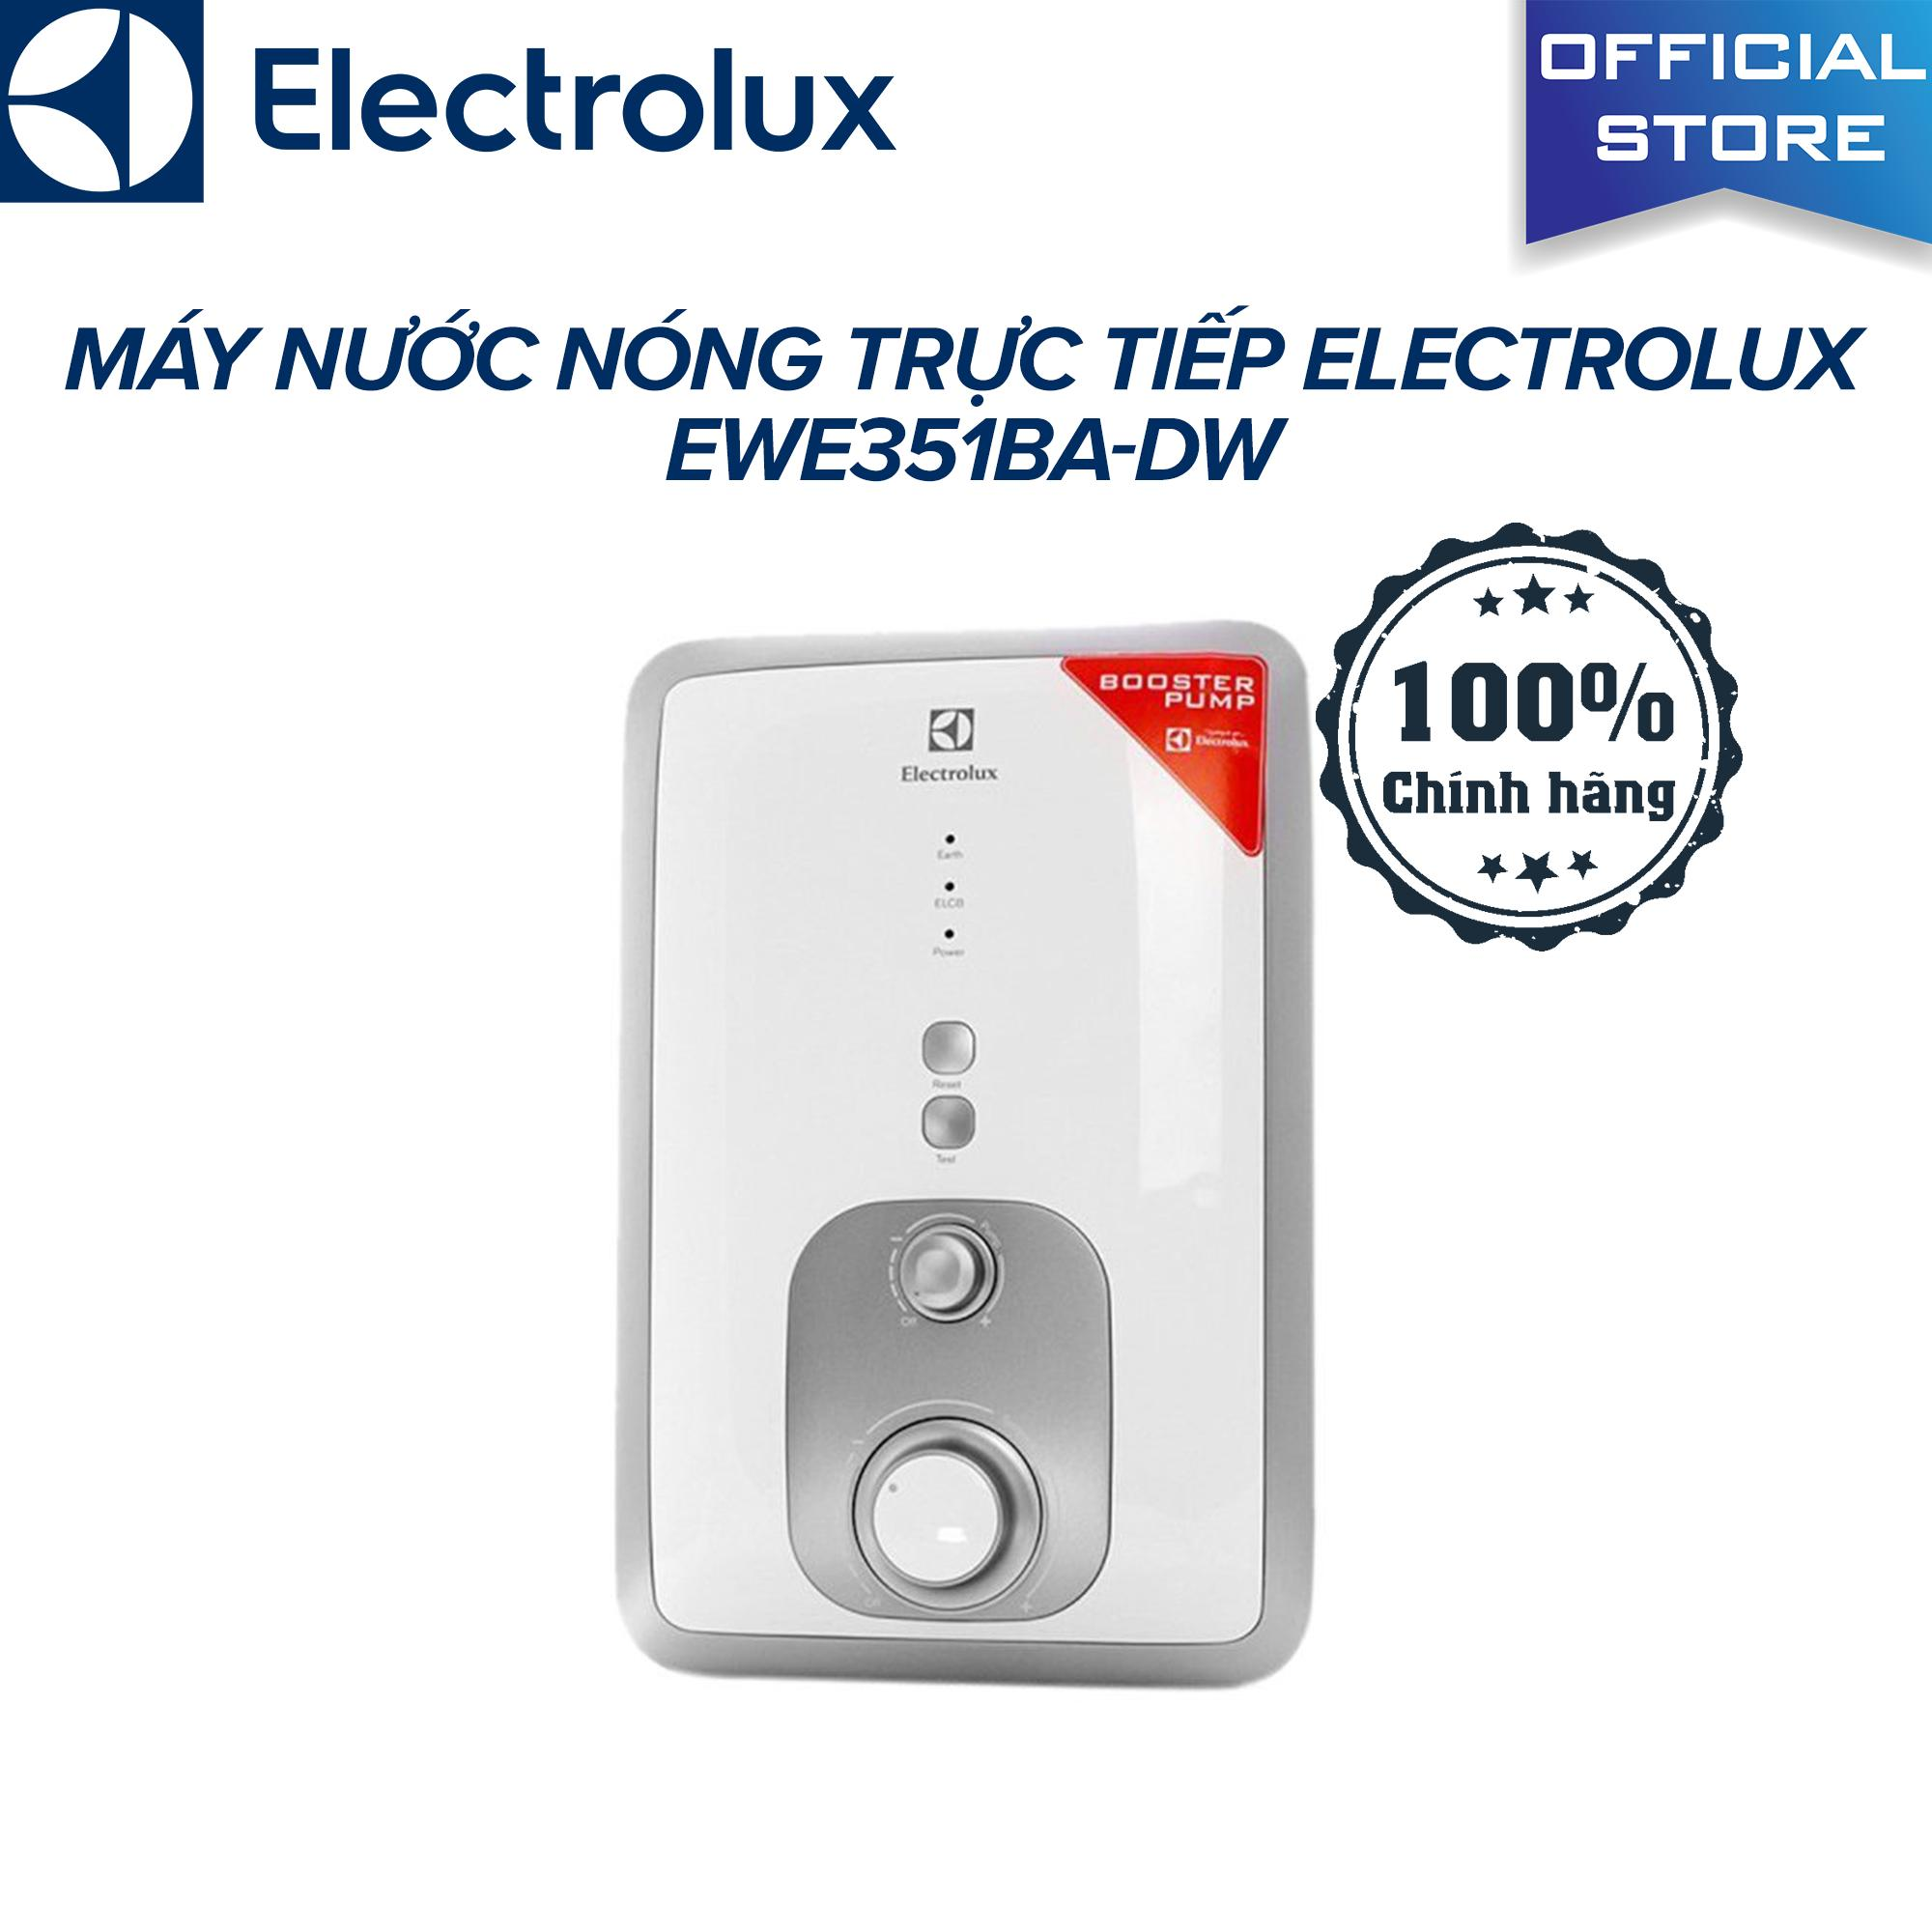 Bảng giá Máy nước nóng trực tiếp Electrolux EWE351BA-DW